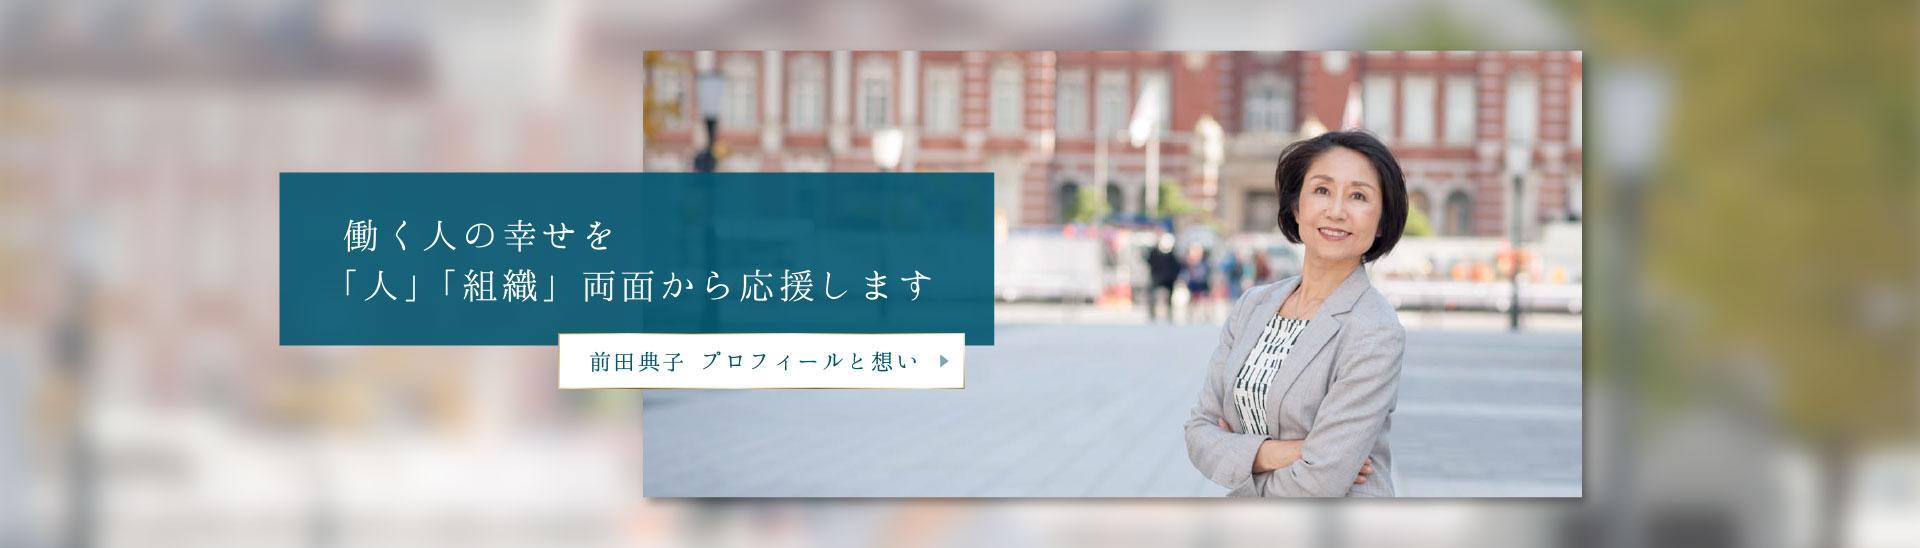 コーチ 前田典子